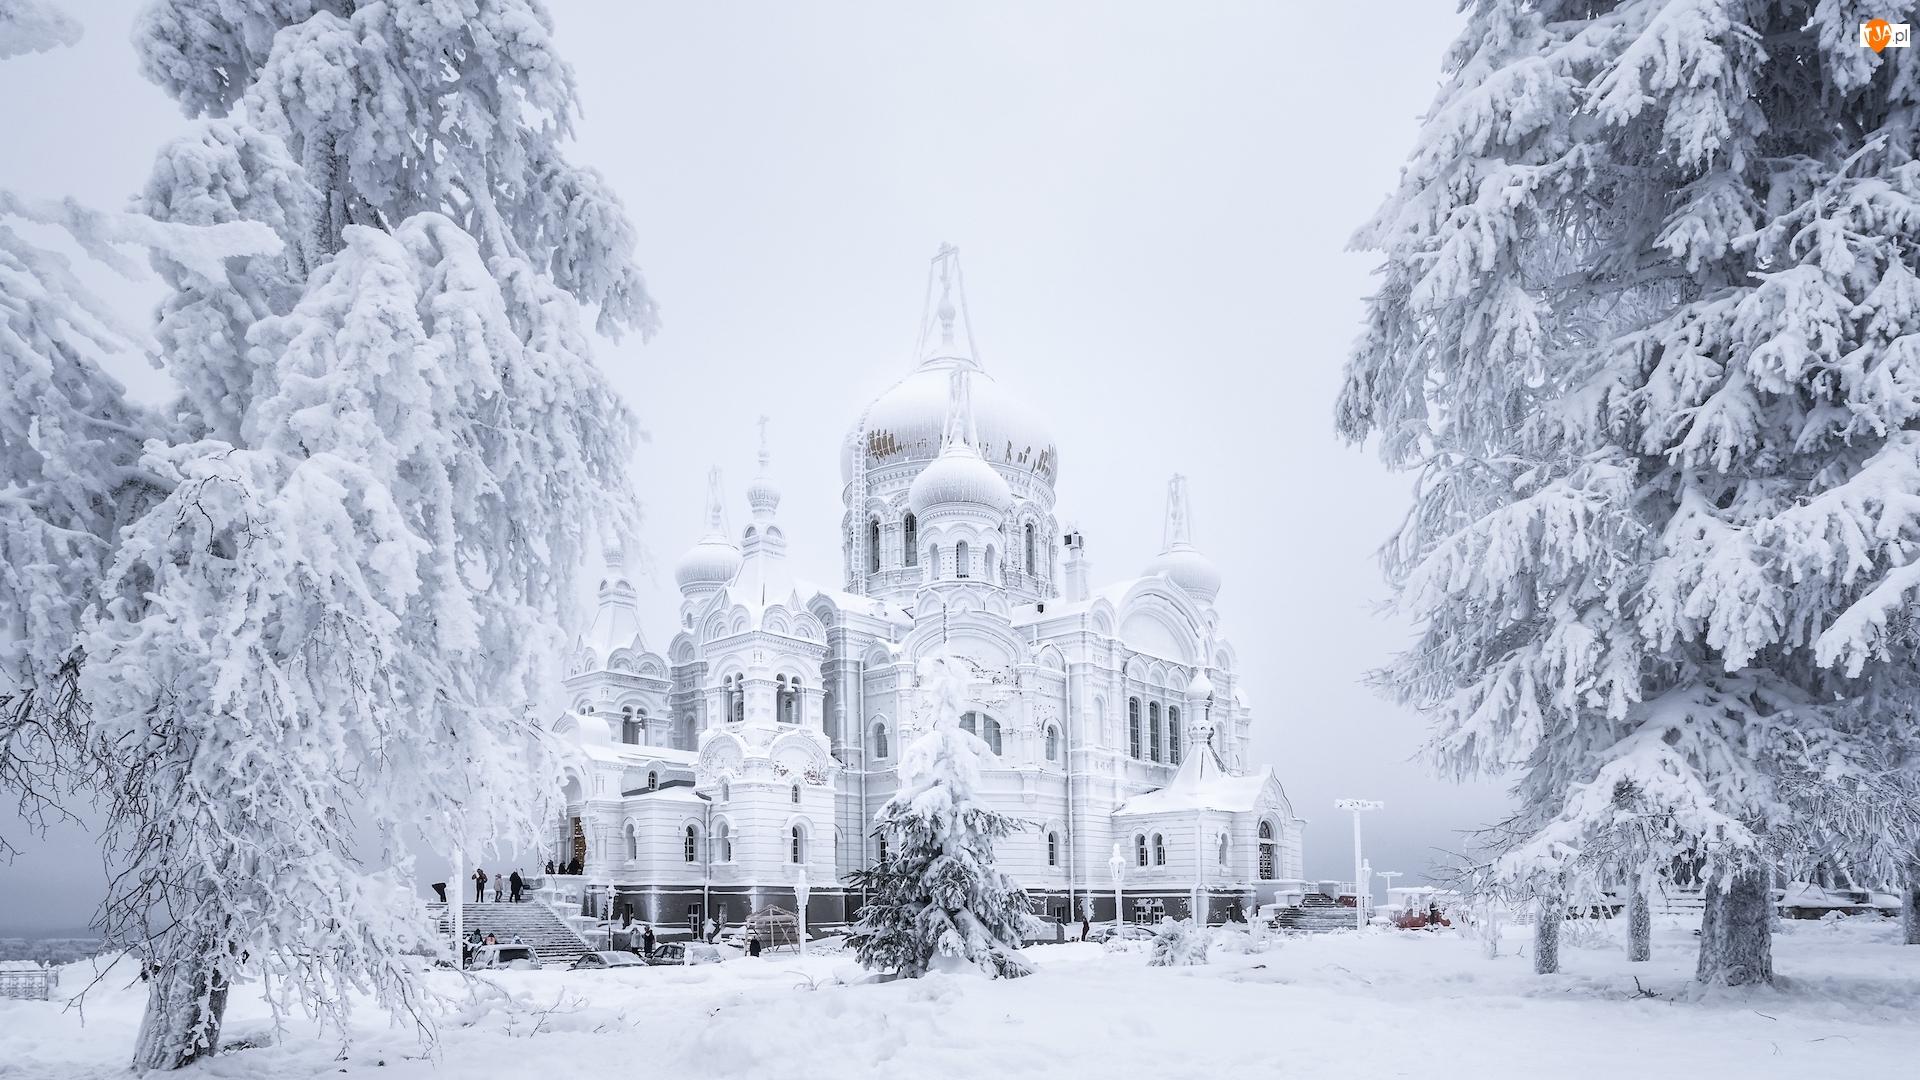 Biała Góra, Cerkiew, Śnieg, Obwód permski, Białogórski Monaster św Mikołaja, Drzewa, Rosja, Zima